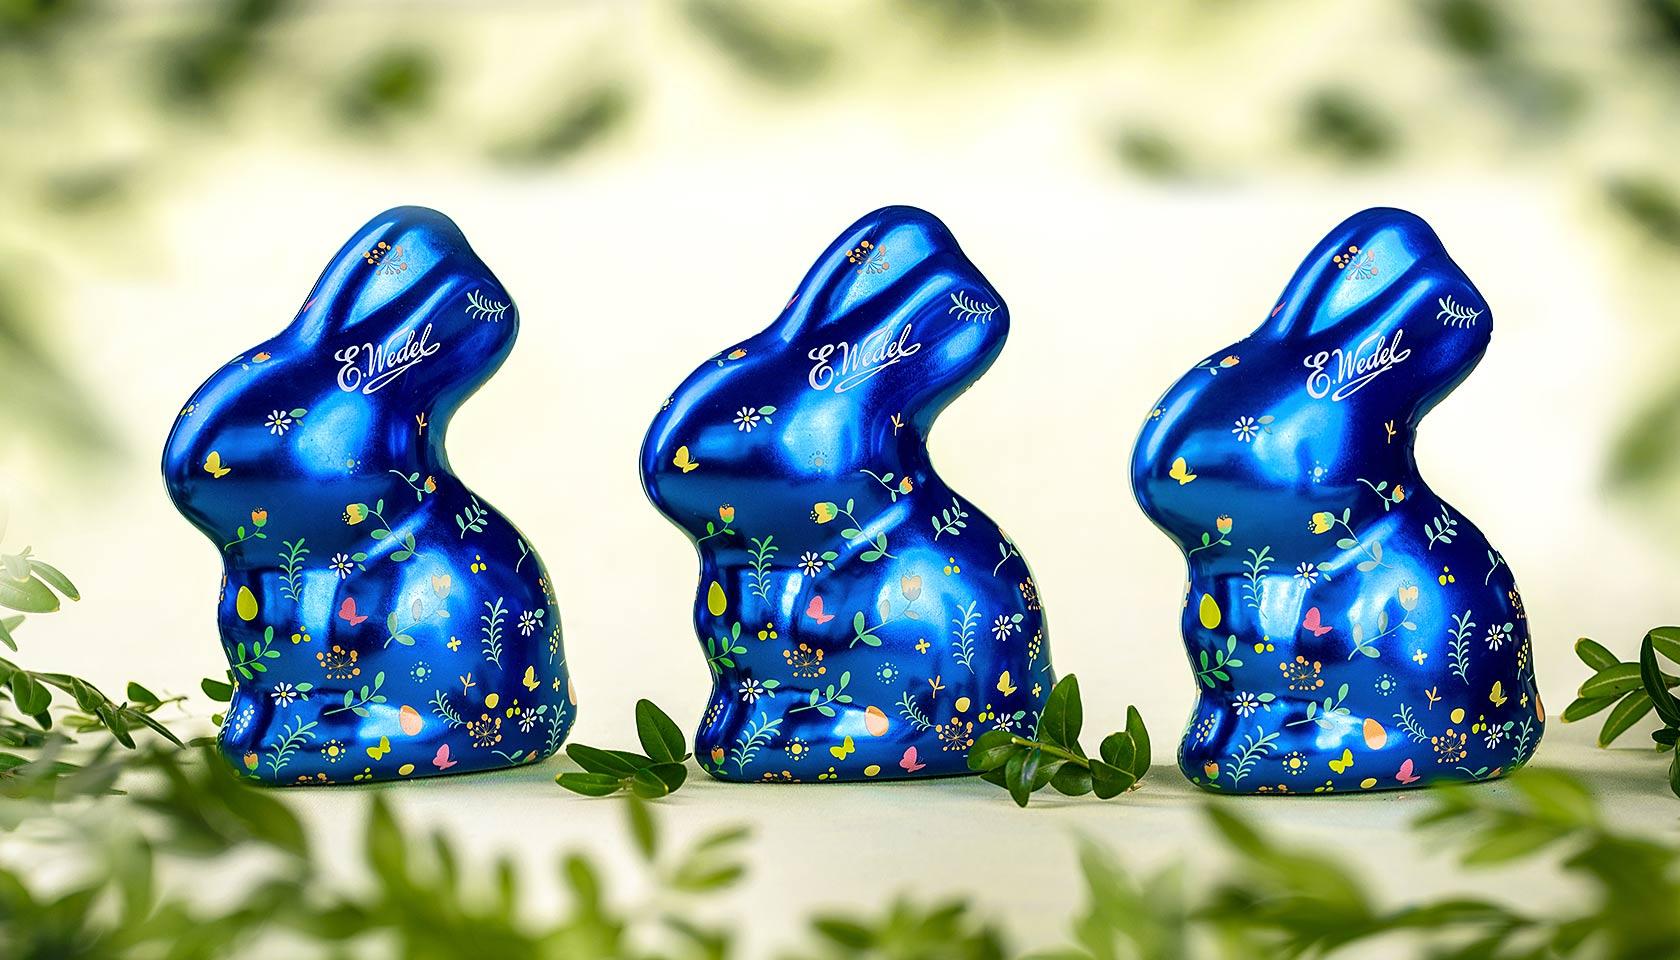 zajaczki wielkanocne